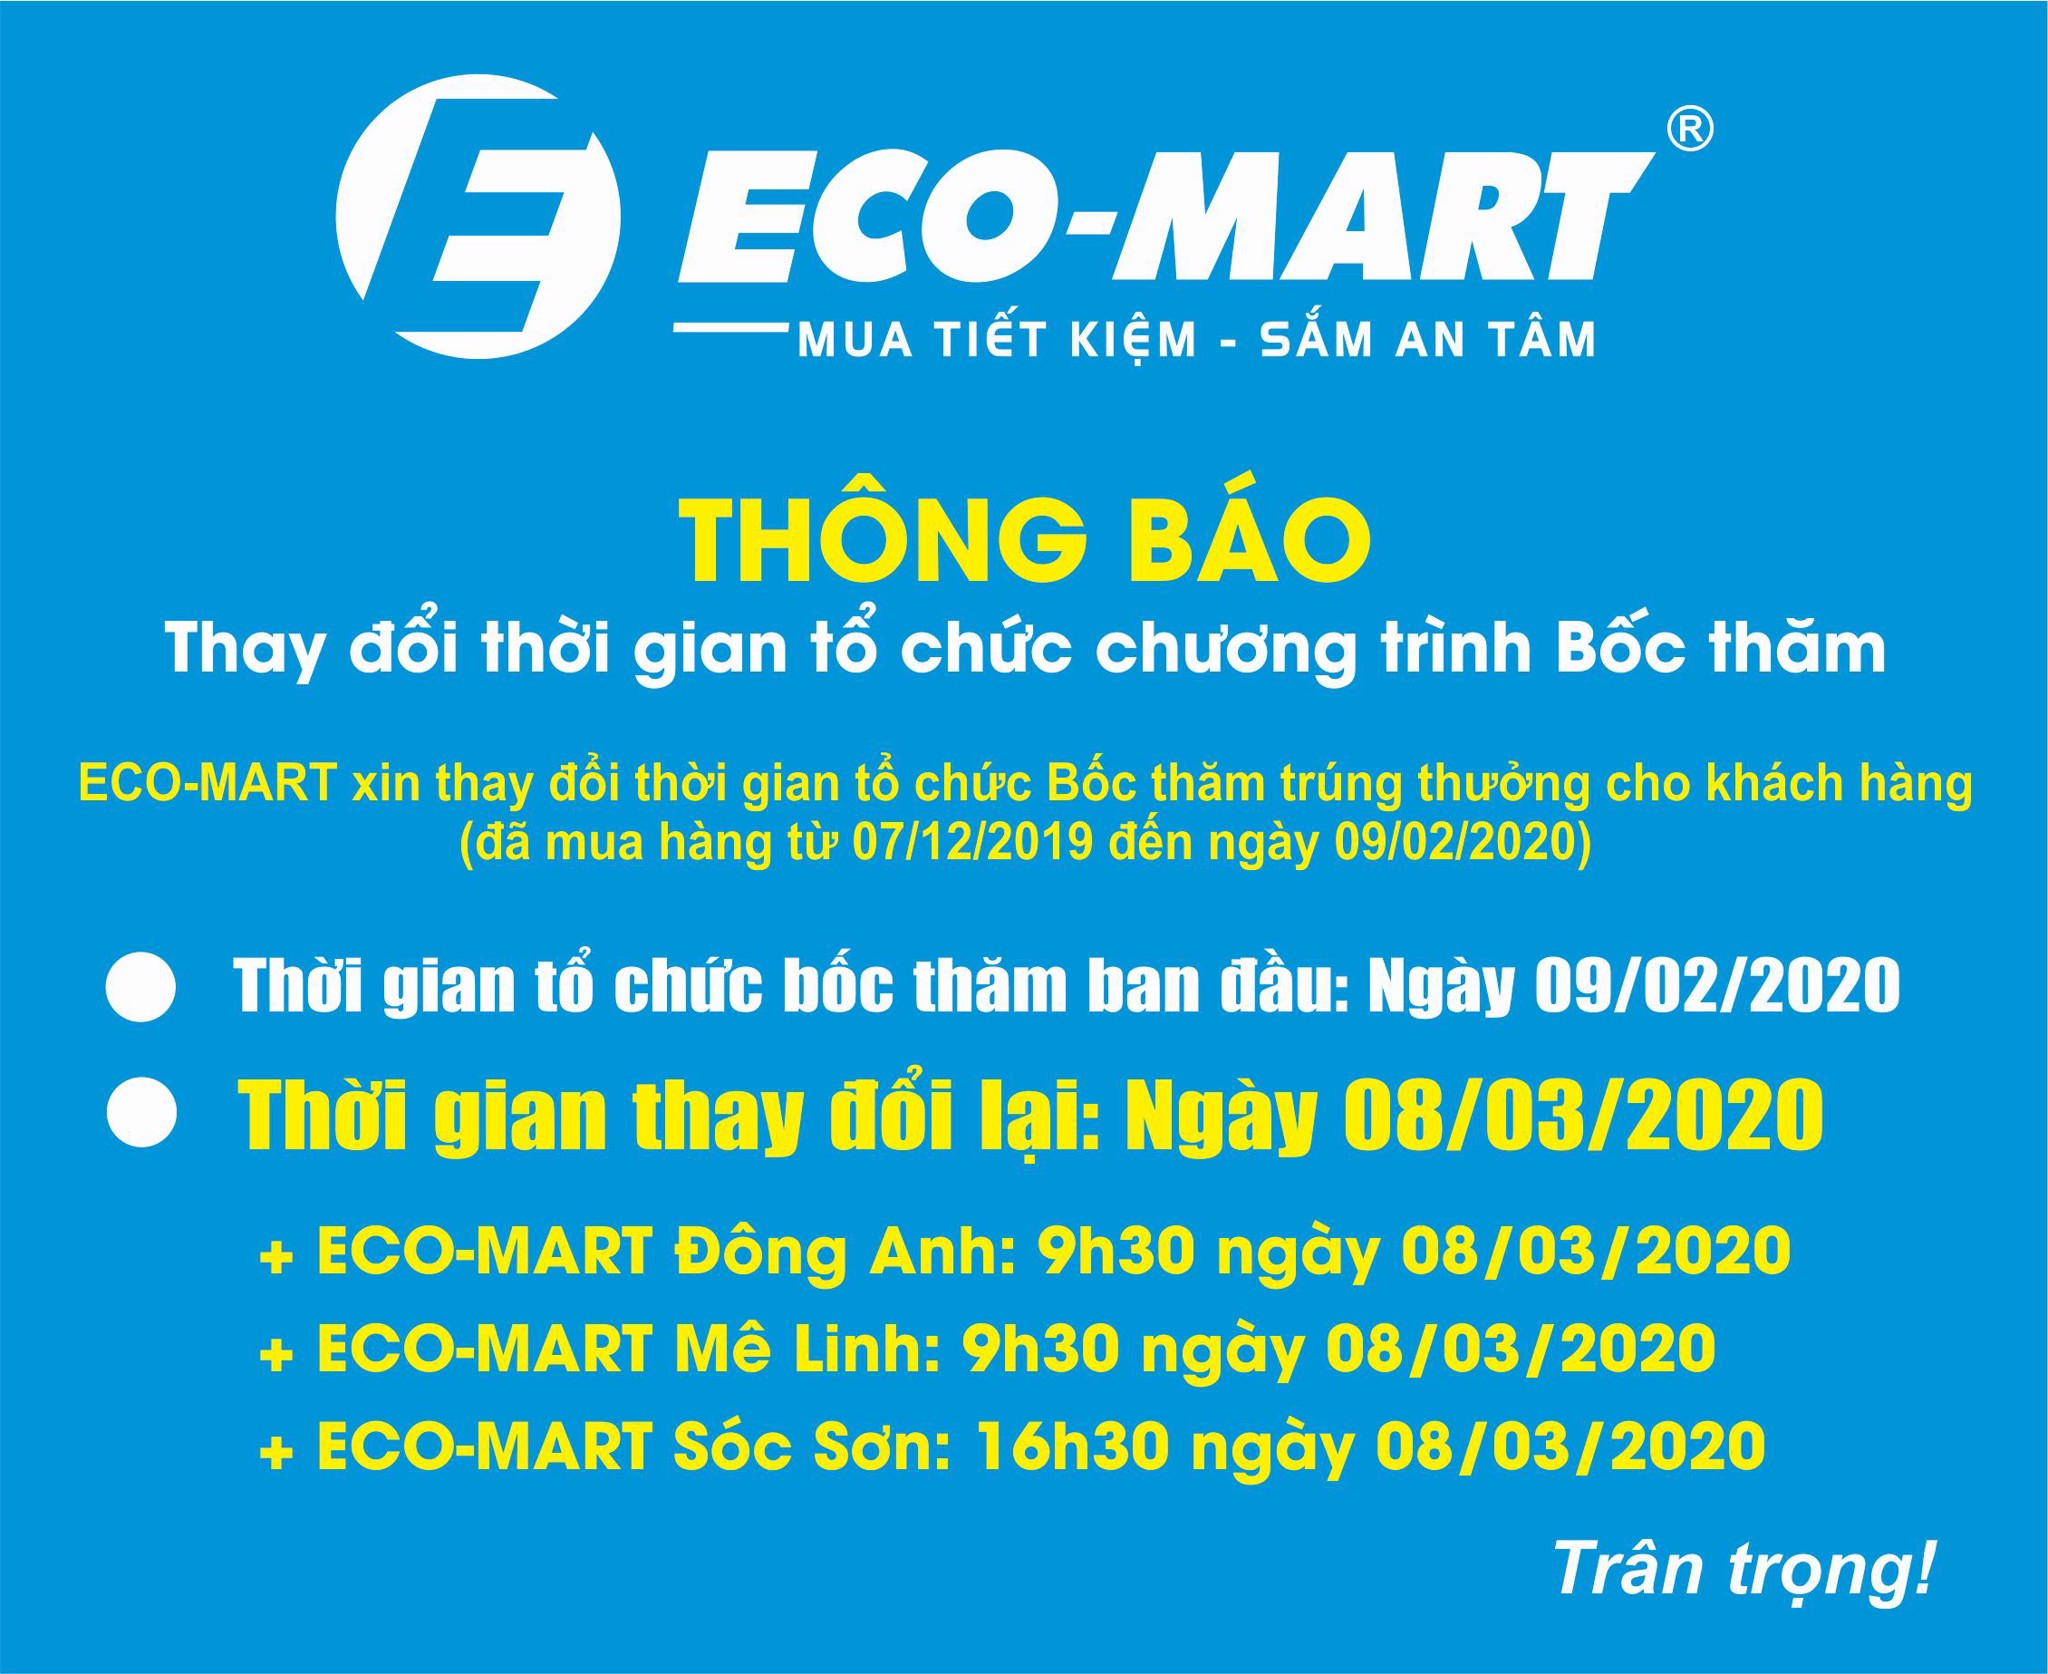 ECO-MART xin trân trọng thông báo